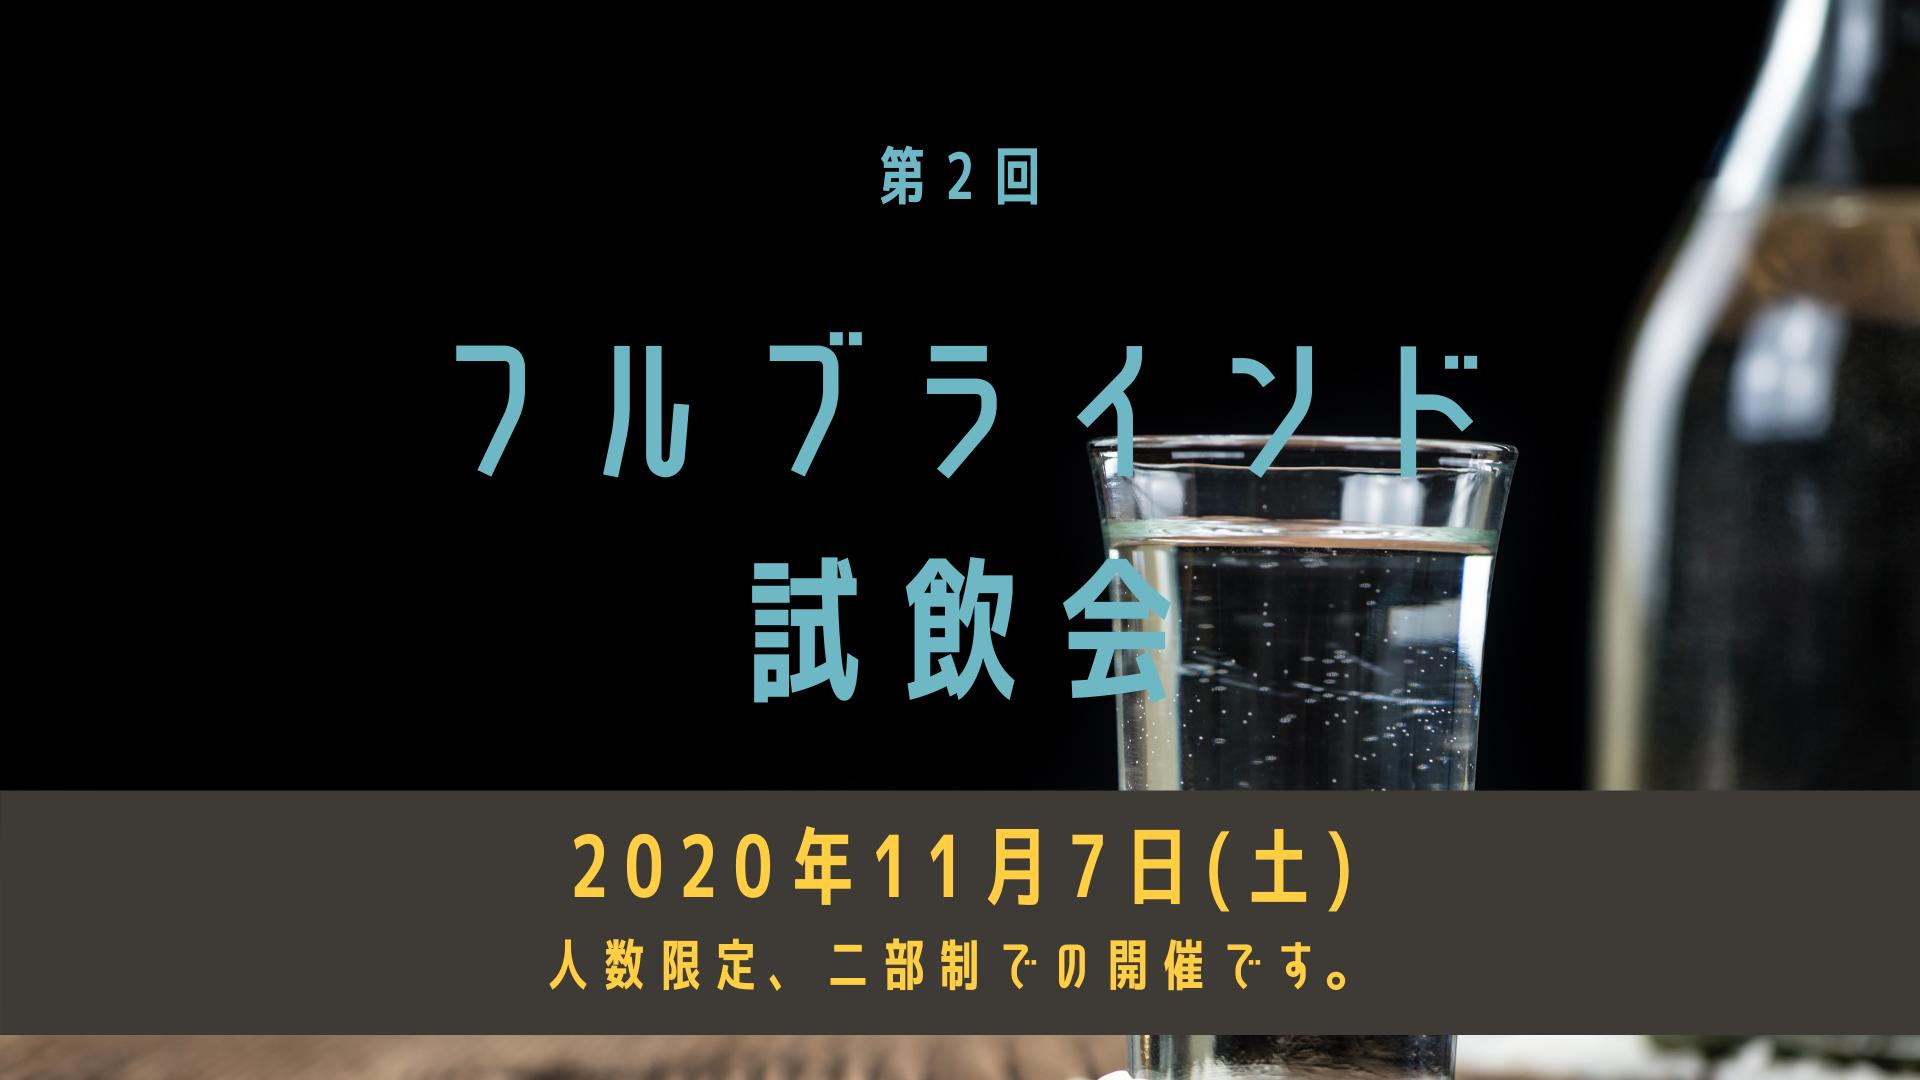 11月7日開催:フルブラインド試飲会